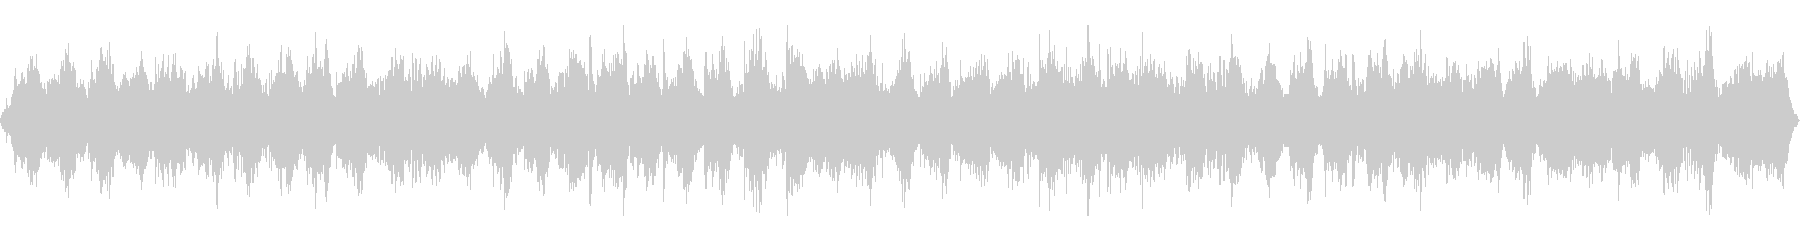 自然音とソルフェジオ周波数を用いたBGMの未再生の波形